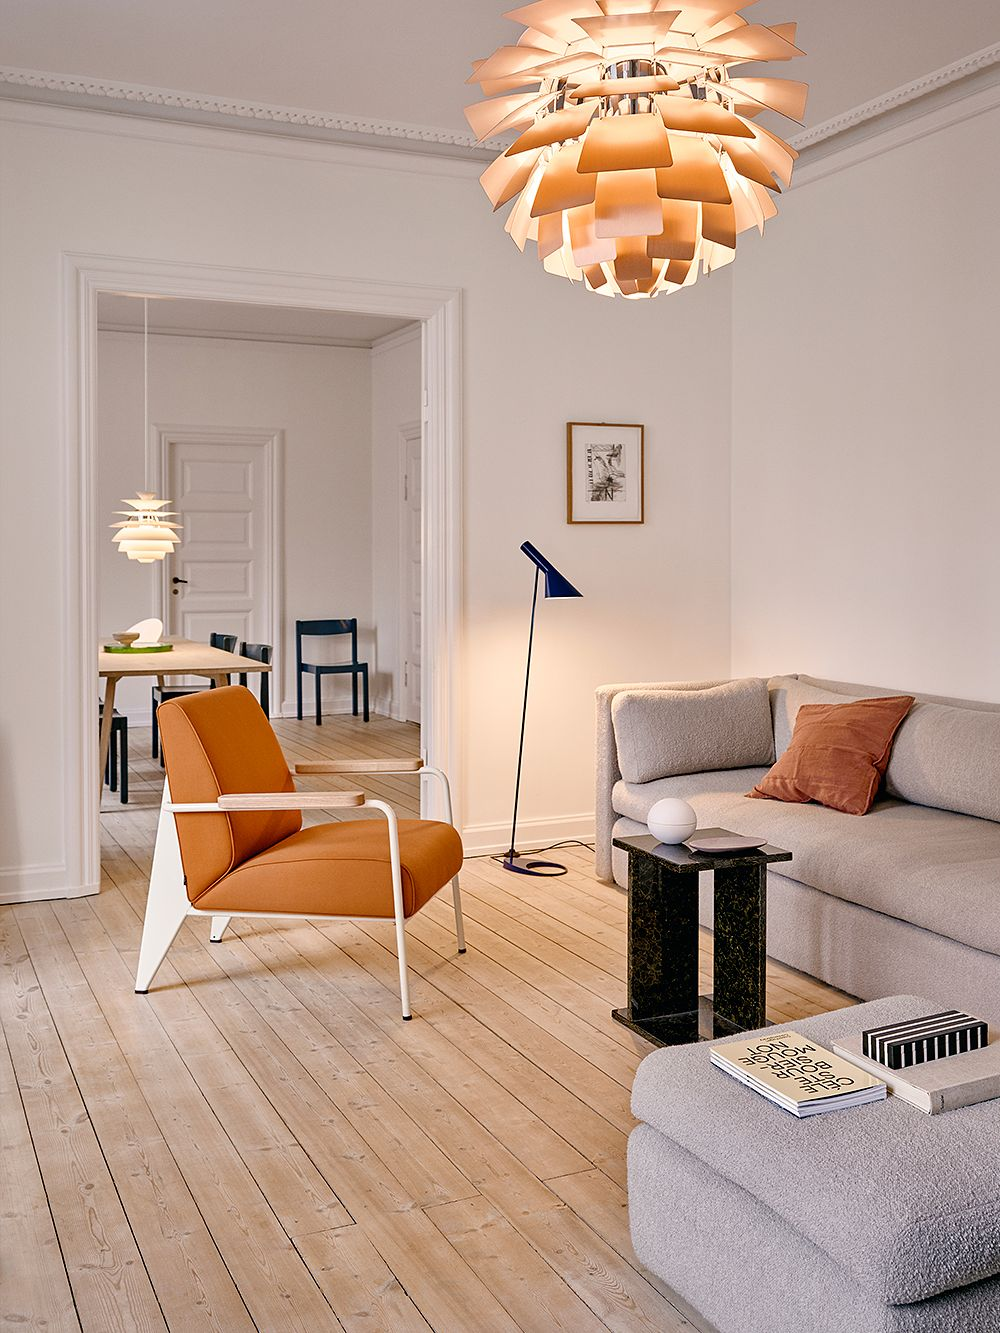 PH Artichoke為空間營造出豐饒恬靜的視覺氛圍